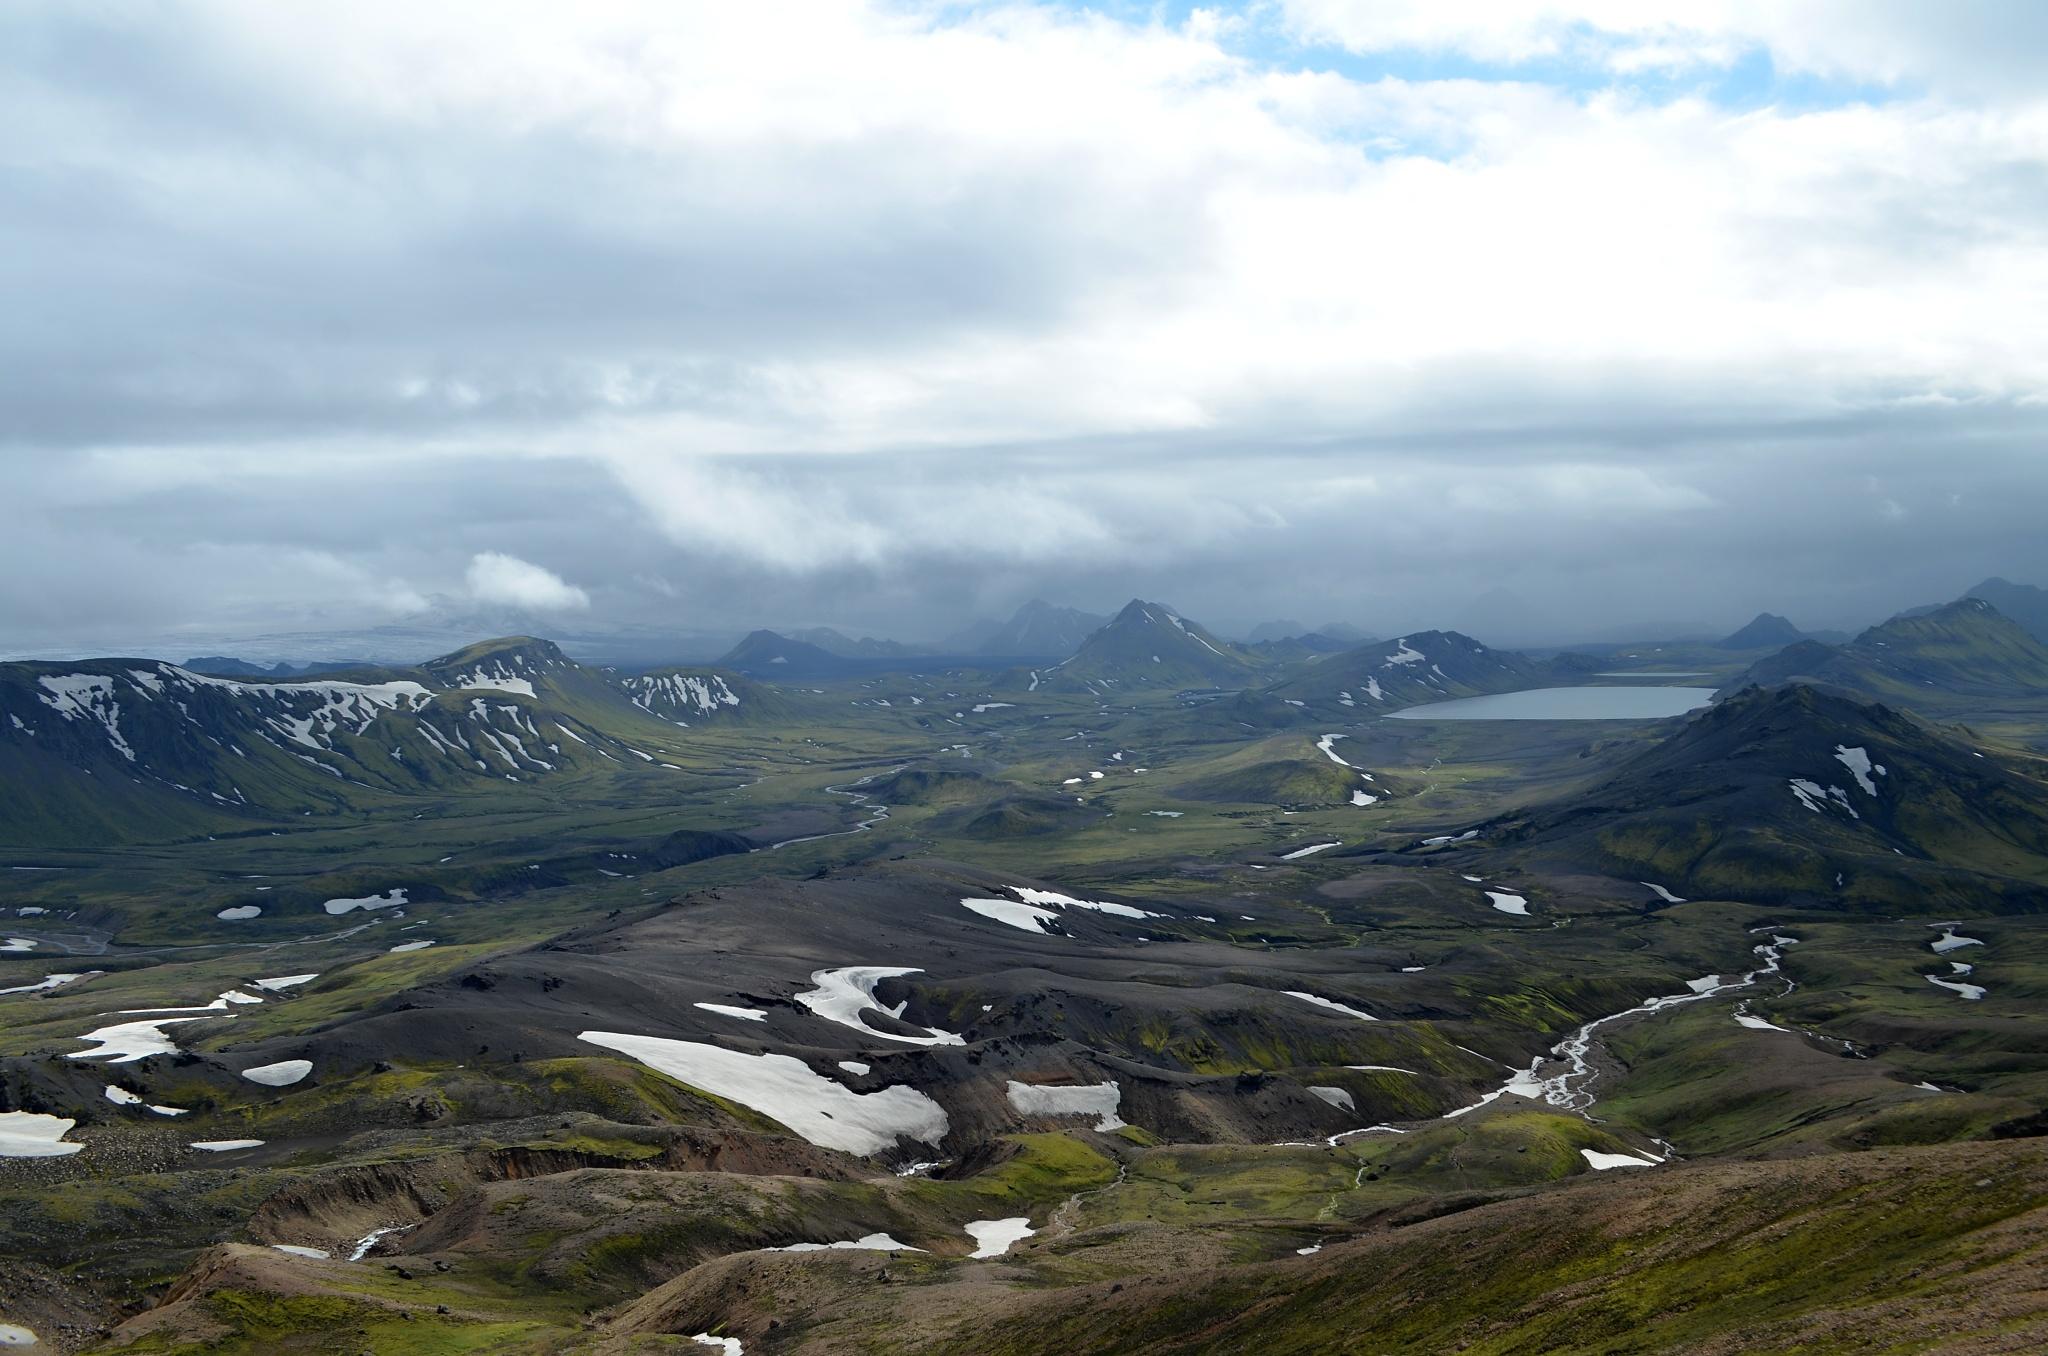 Z náhorní plošiny Jökultungur je krásný výhled zpět na jezero